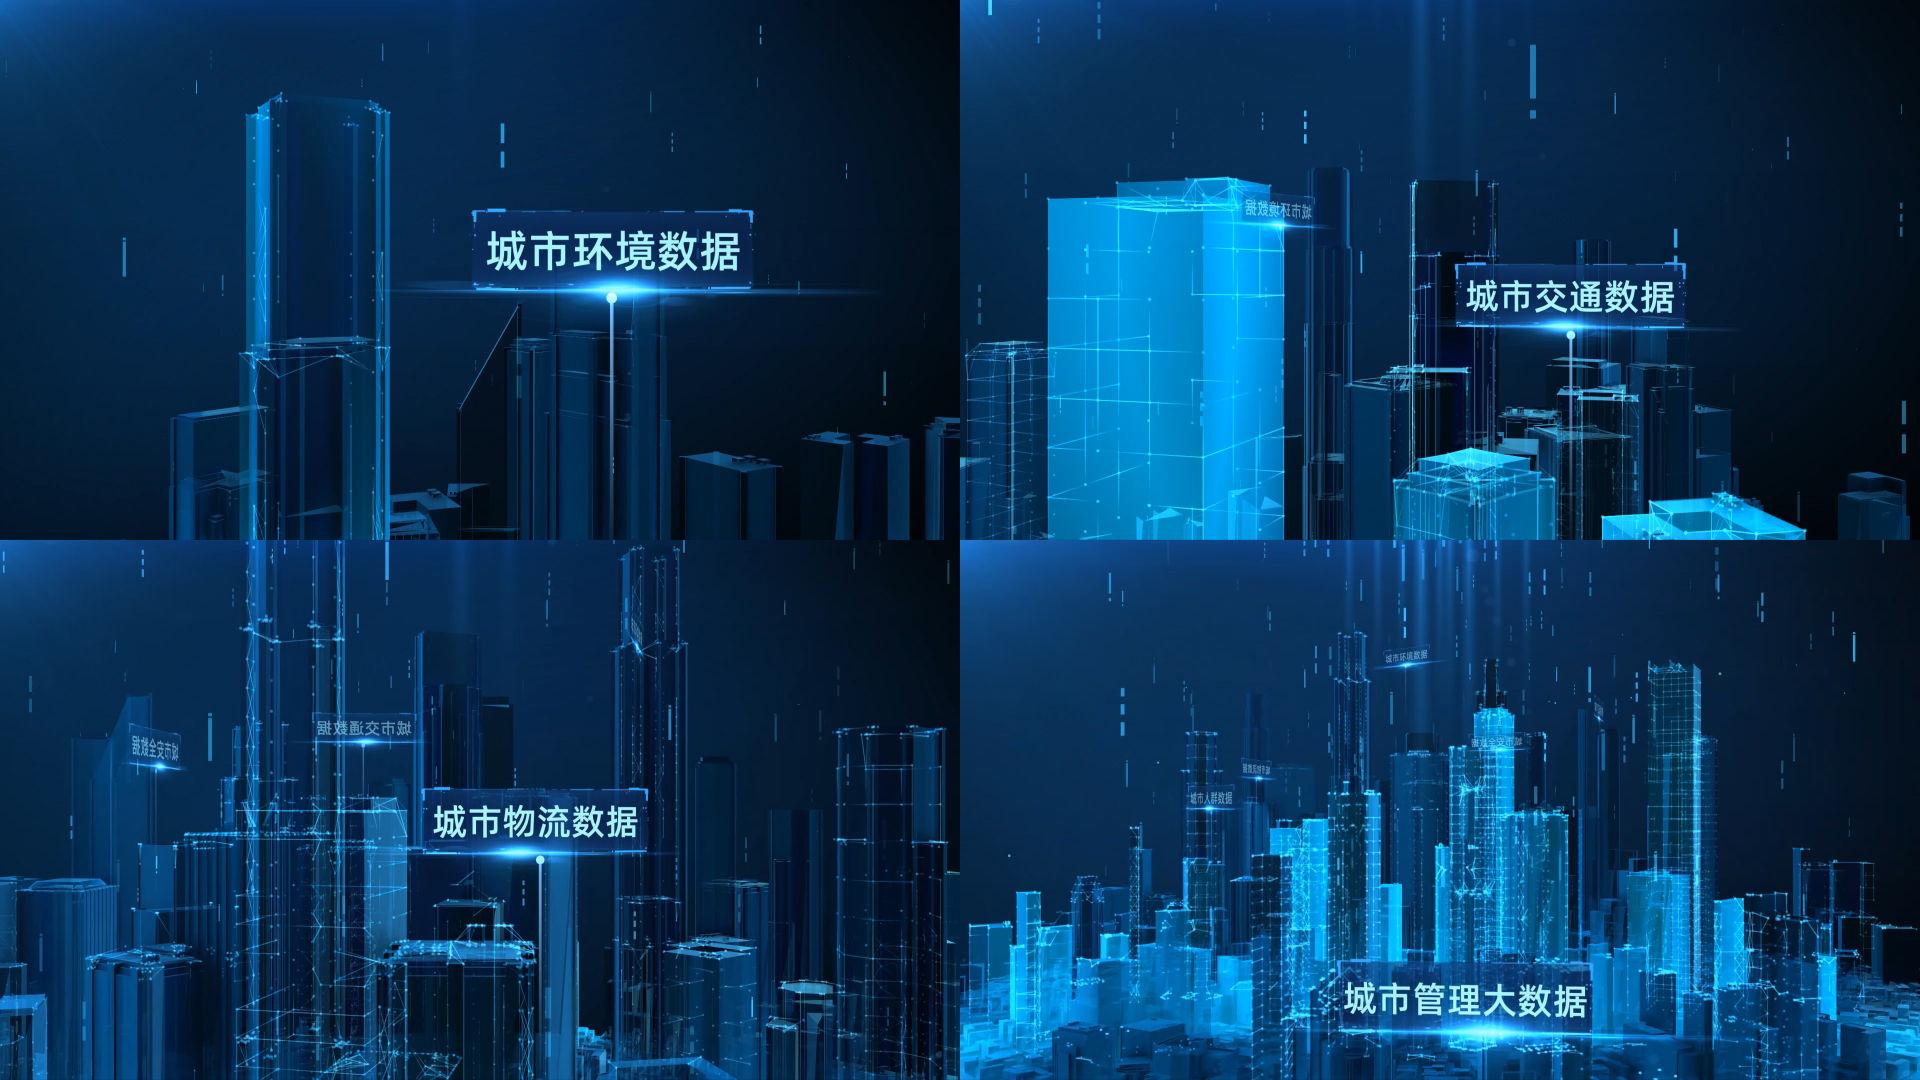 【原创】智慧云大数据城市演示1